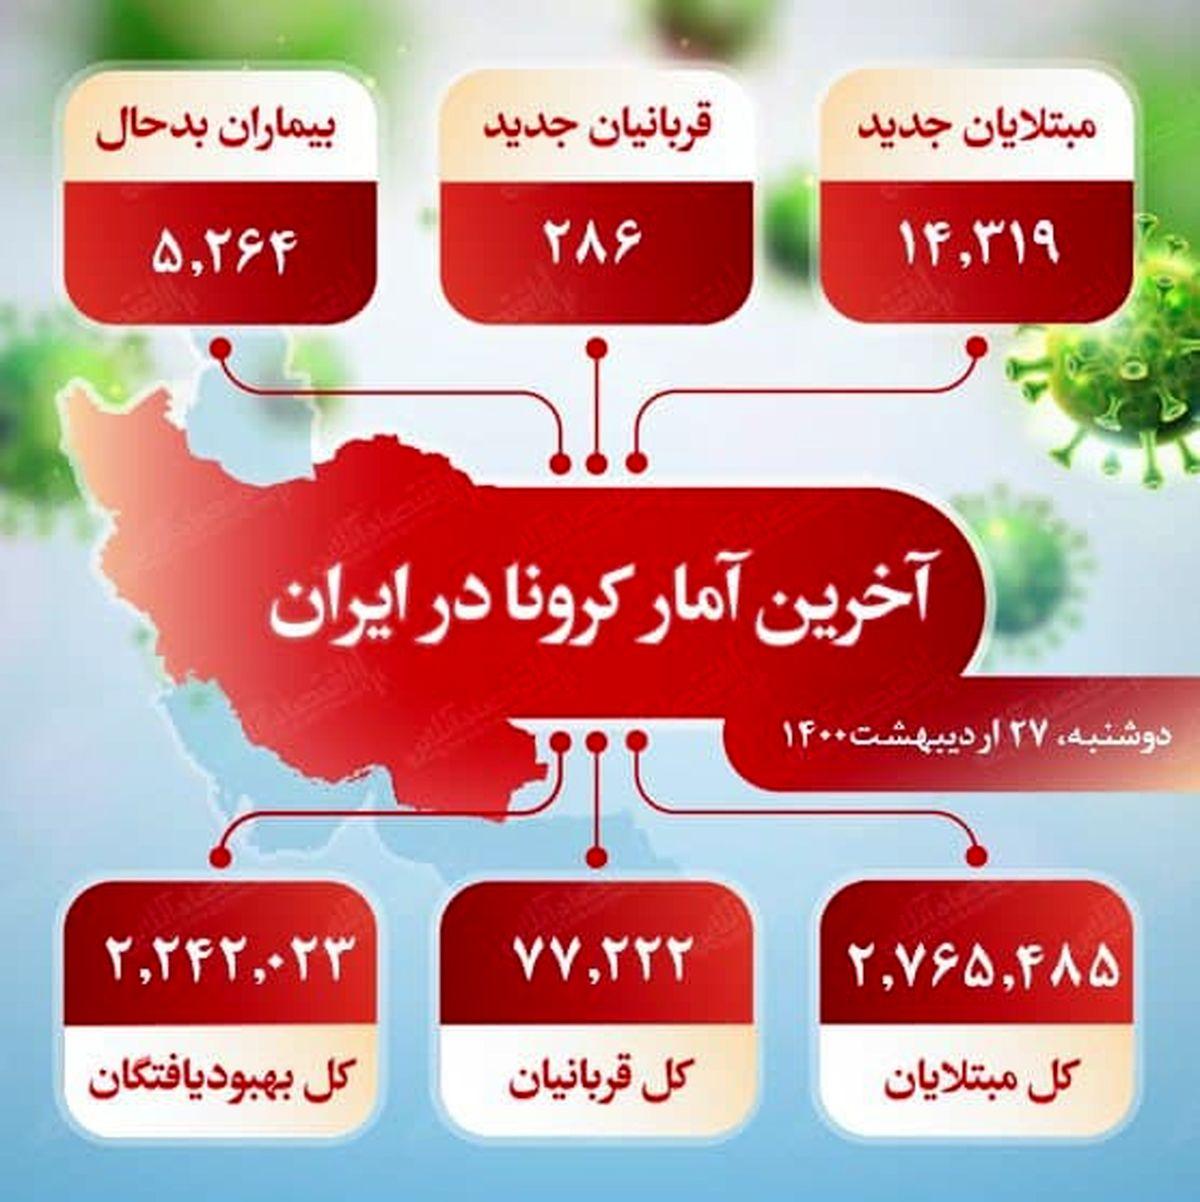 آخرین آمار کرونا در ایران (۱۴۰۰/۲/۲۷)